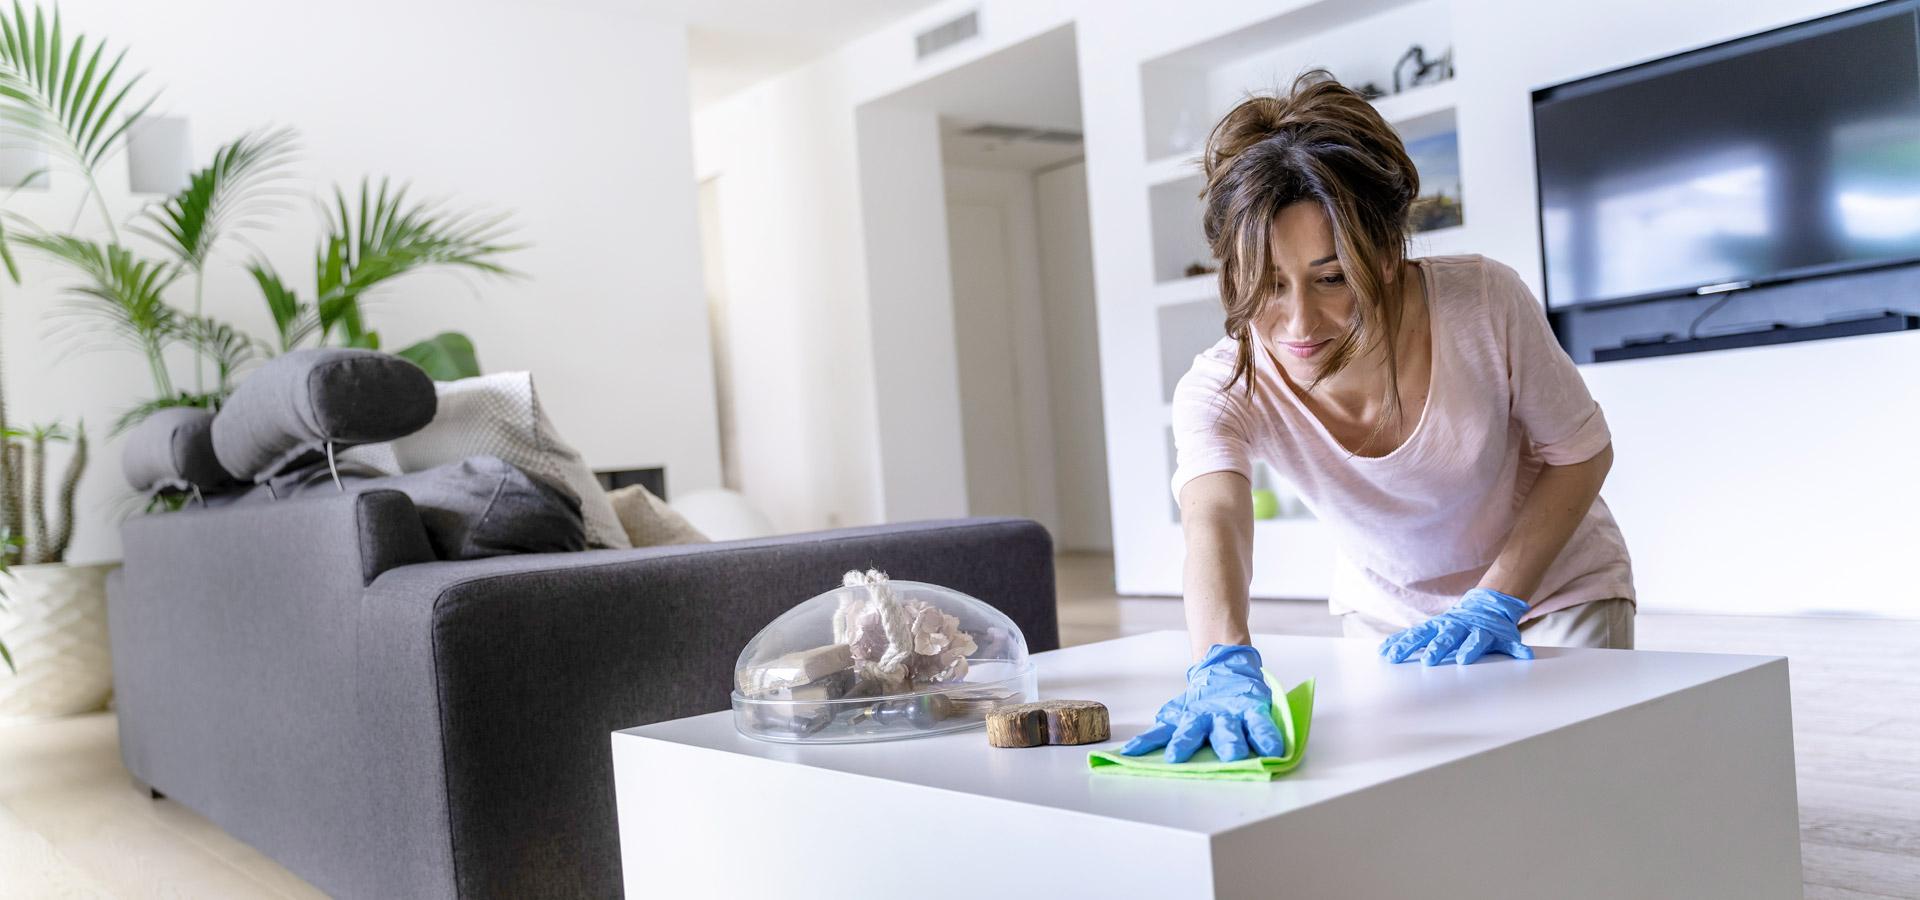 Giochi Di Pulire La Casa pulire ecologico | ozobox: disinfezione acqua con ozono